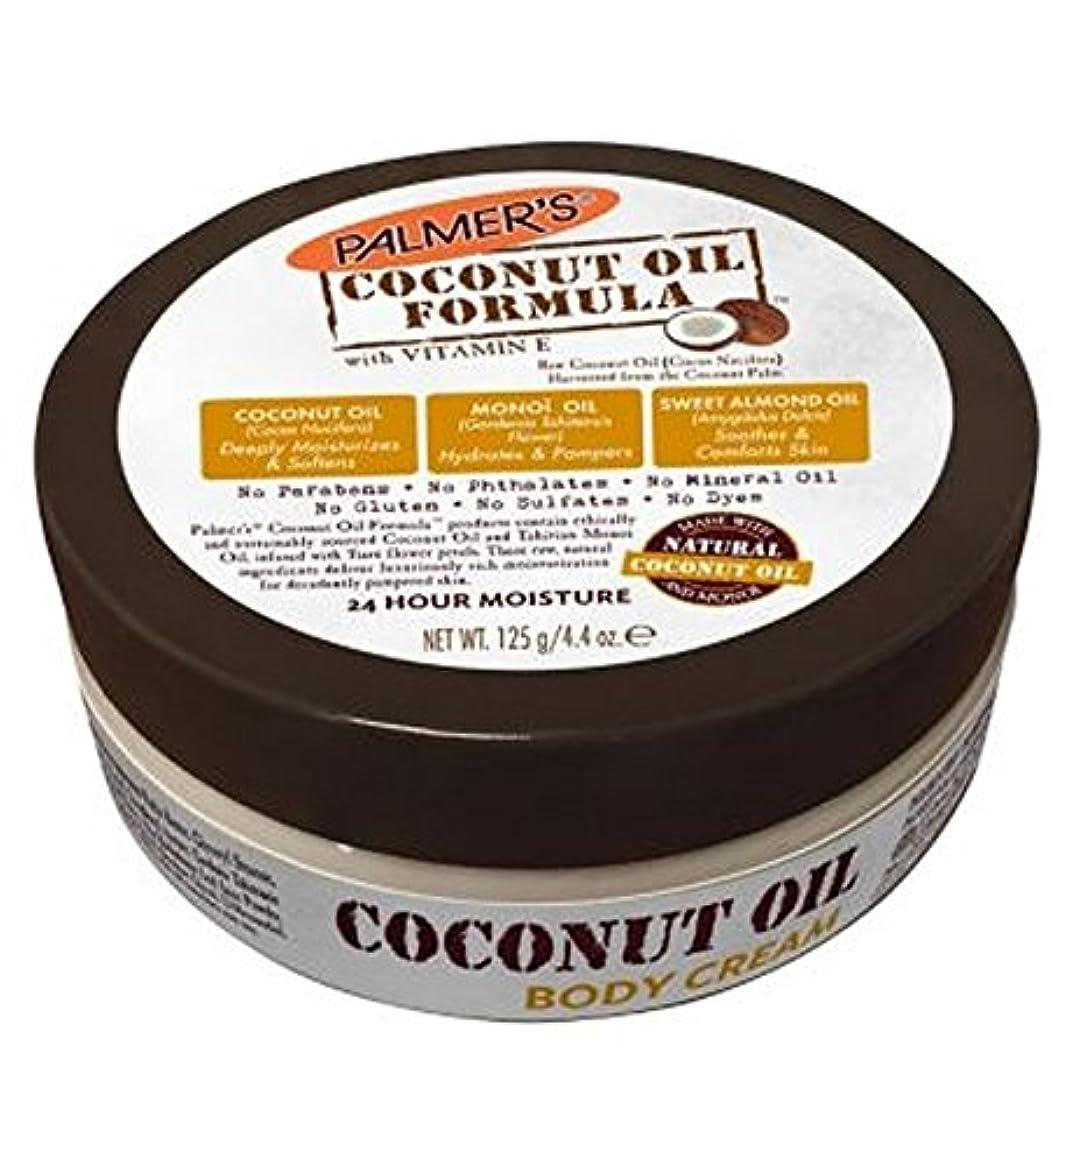 資格情報腹部クローゼットパーマーのヤシ油式ボディクリーム125グラム (Palmer's) (x2) - Palmer's Coconut Oil Formula Body Cream 125g (Pack of 2) [並行輸入品]